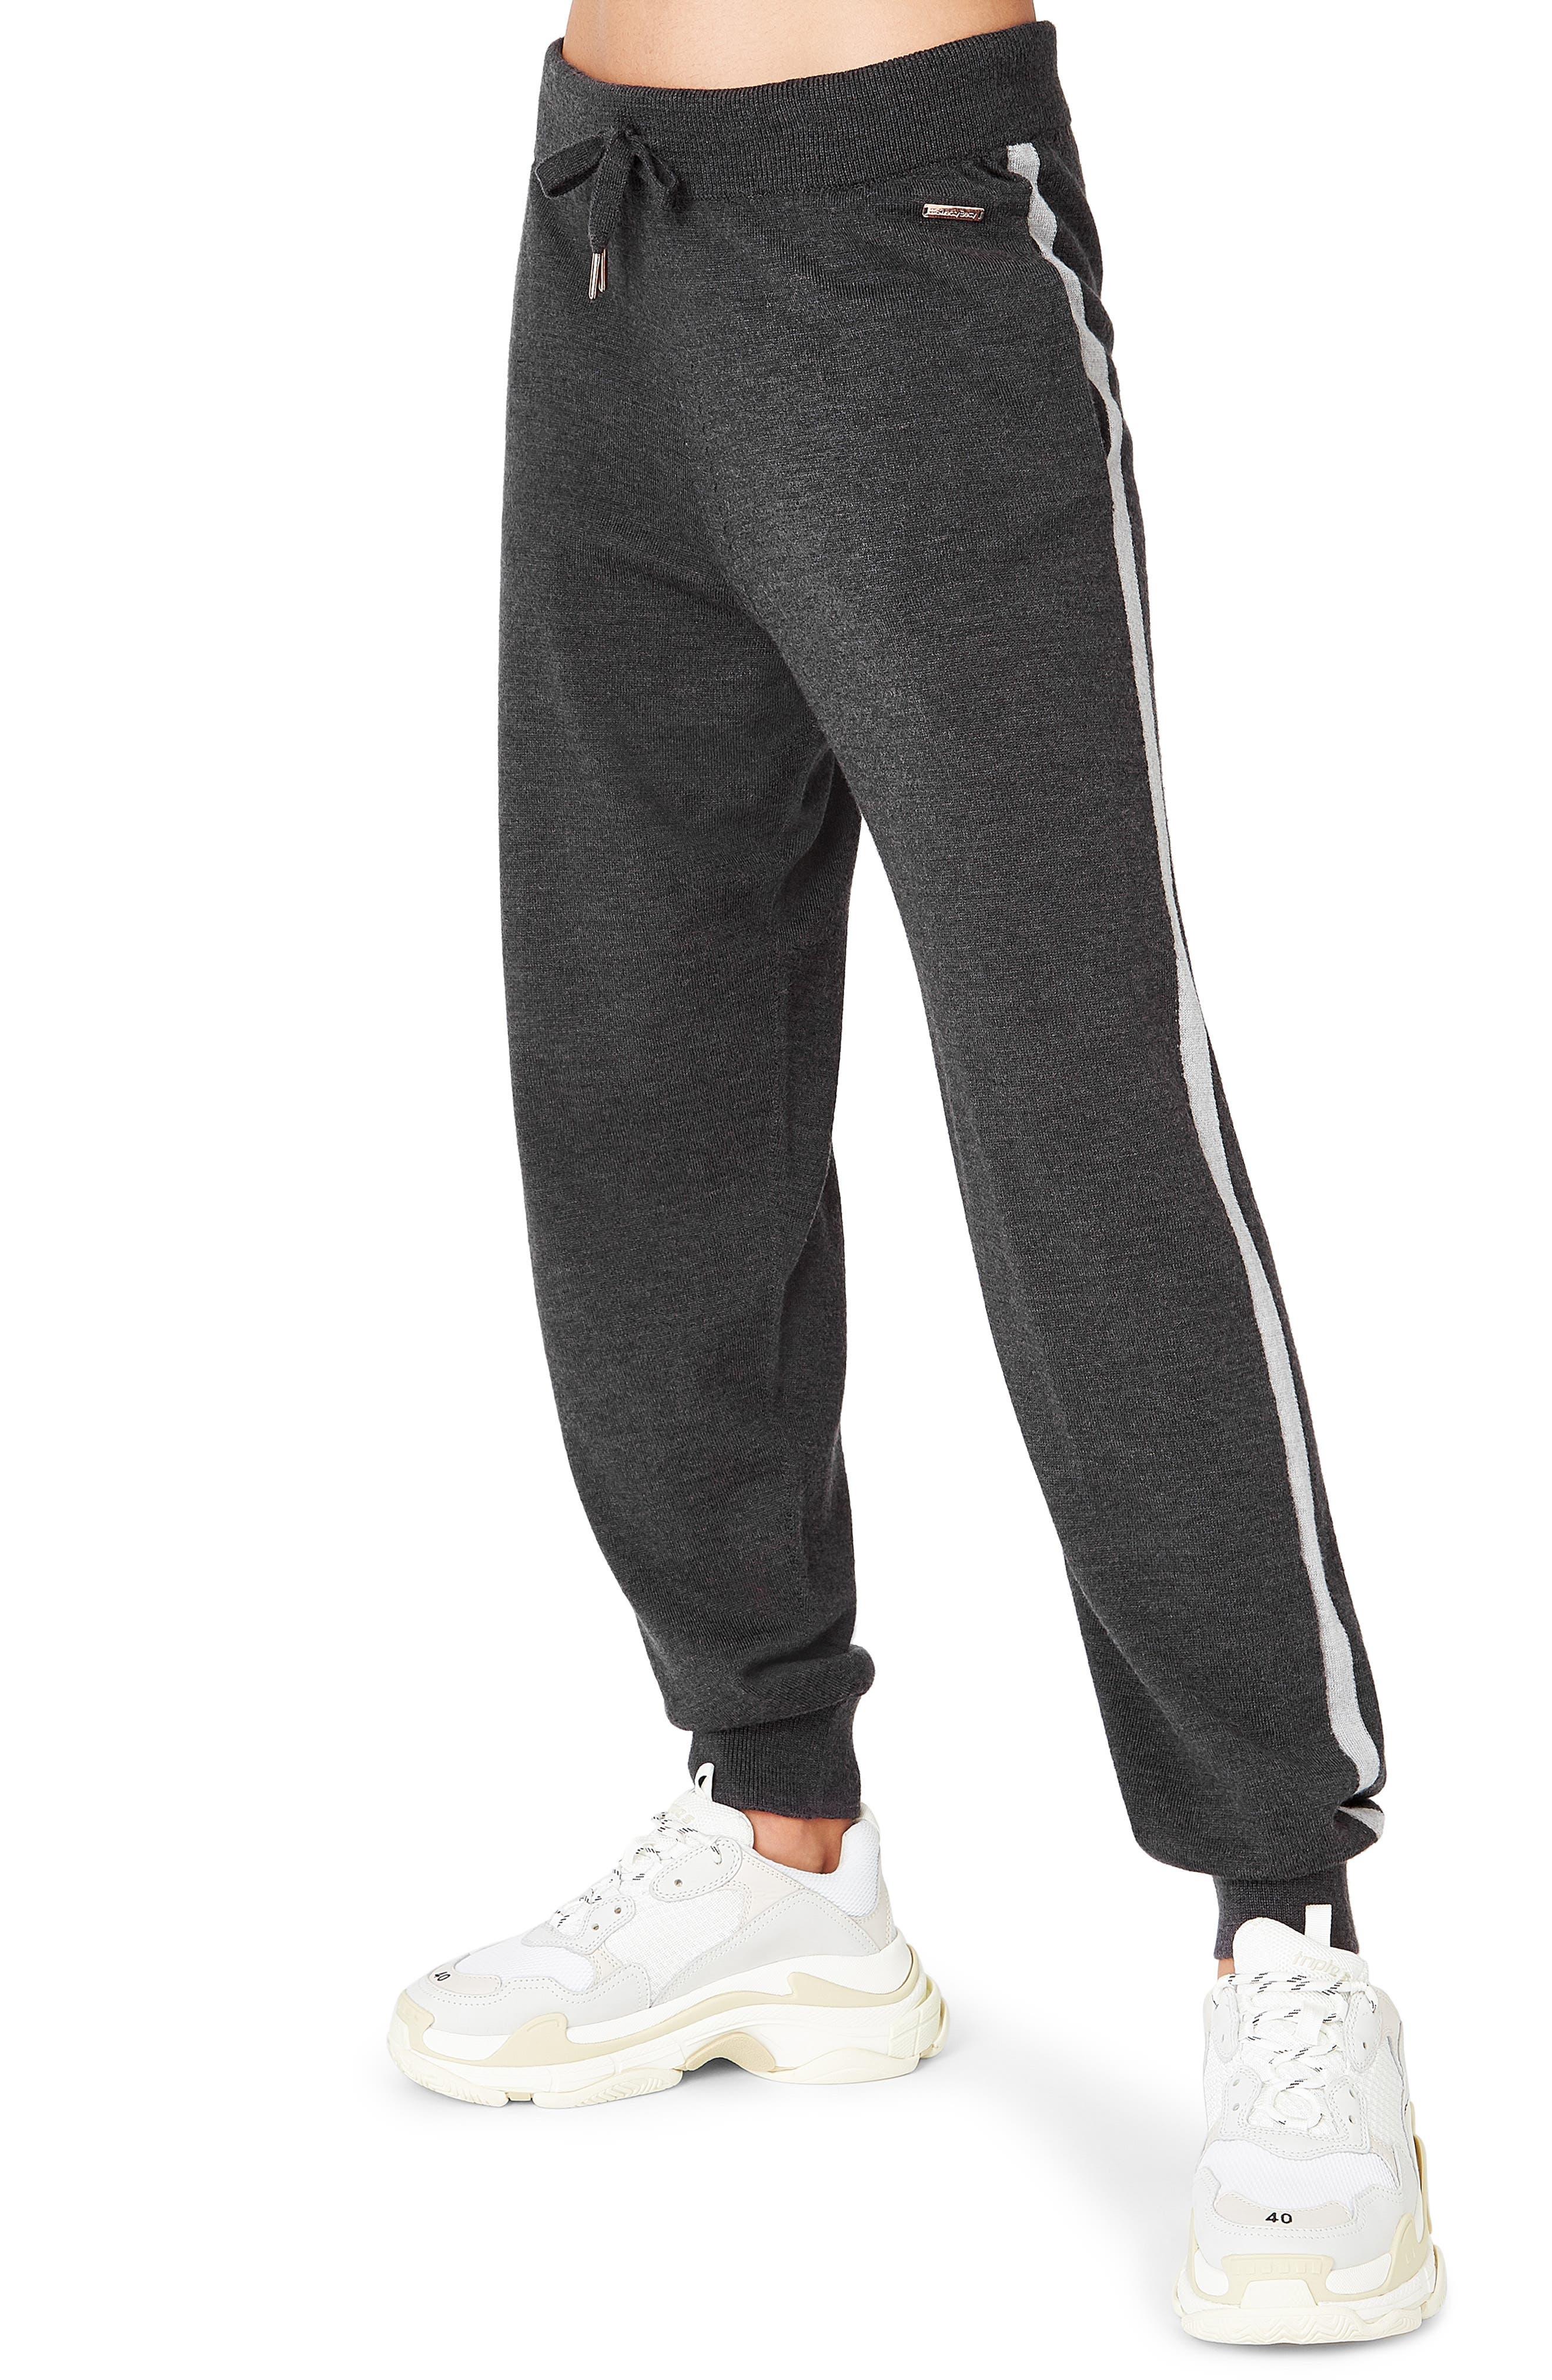 Sweaty Betty Merino Lounge Jogger Pants